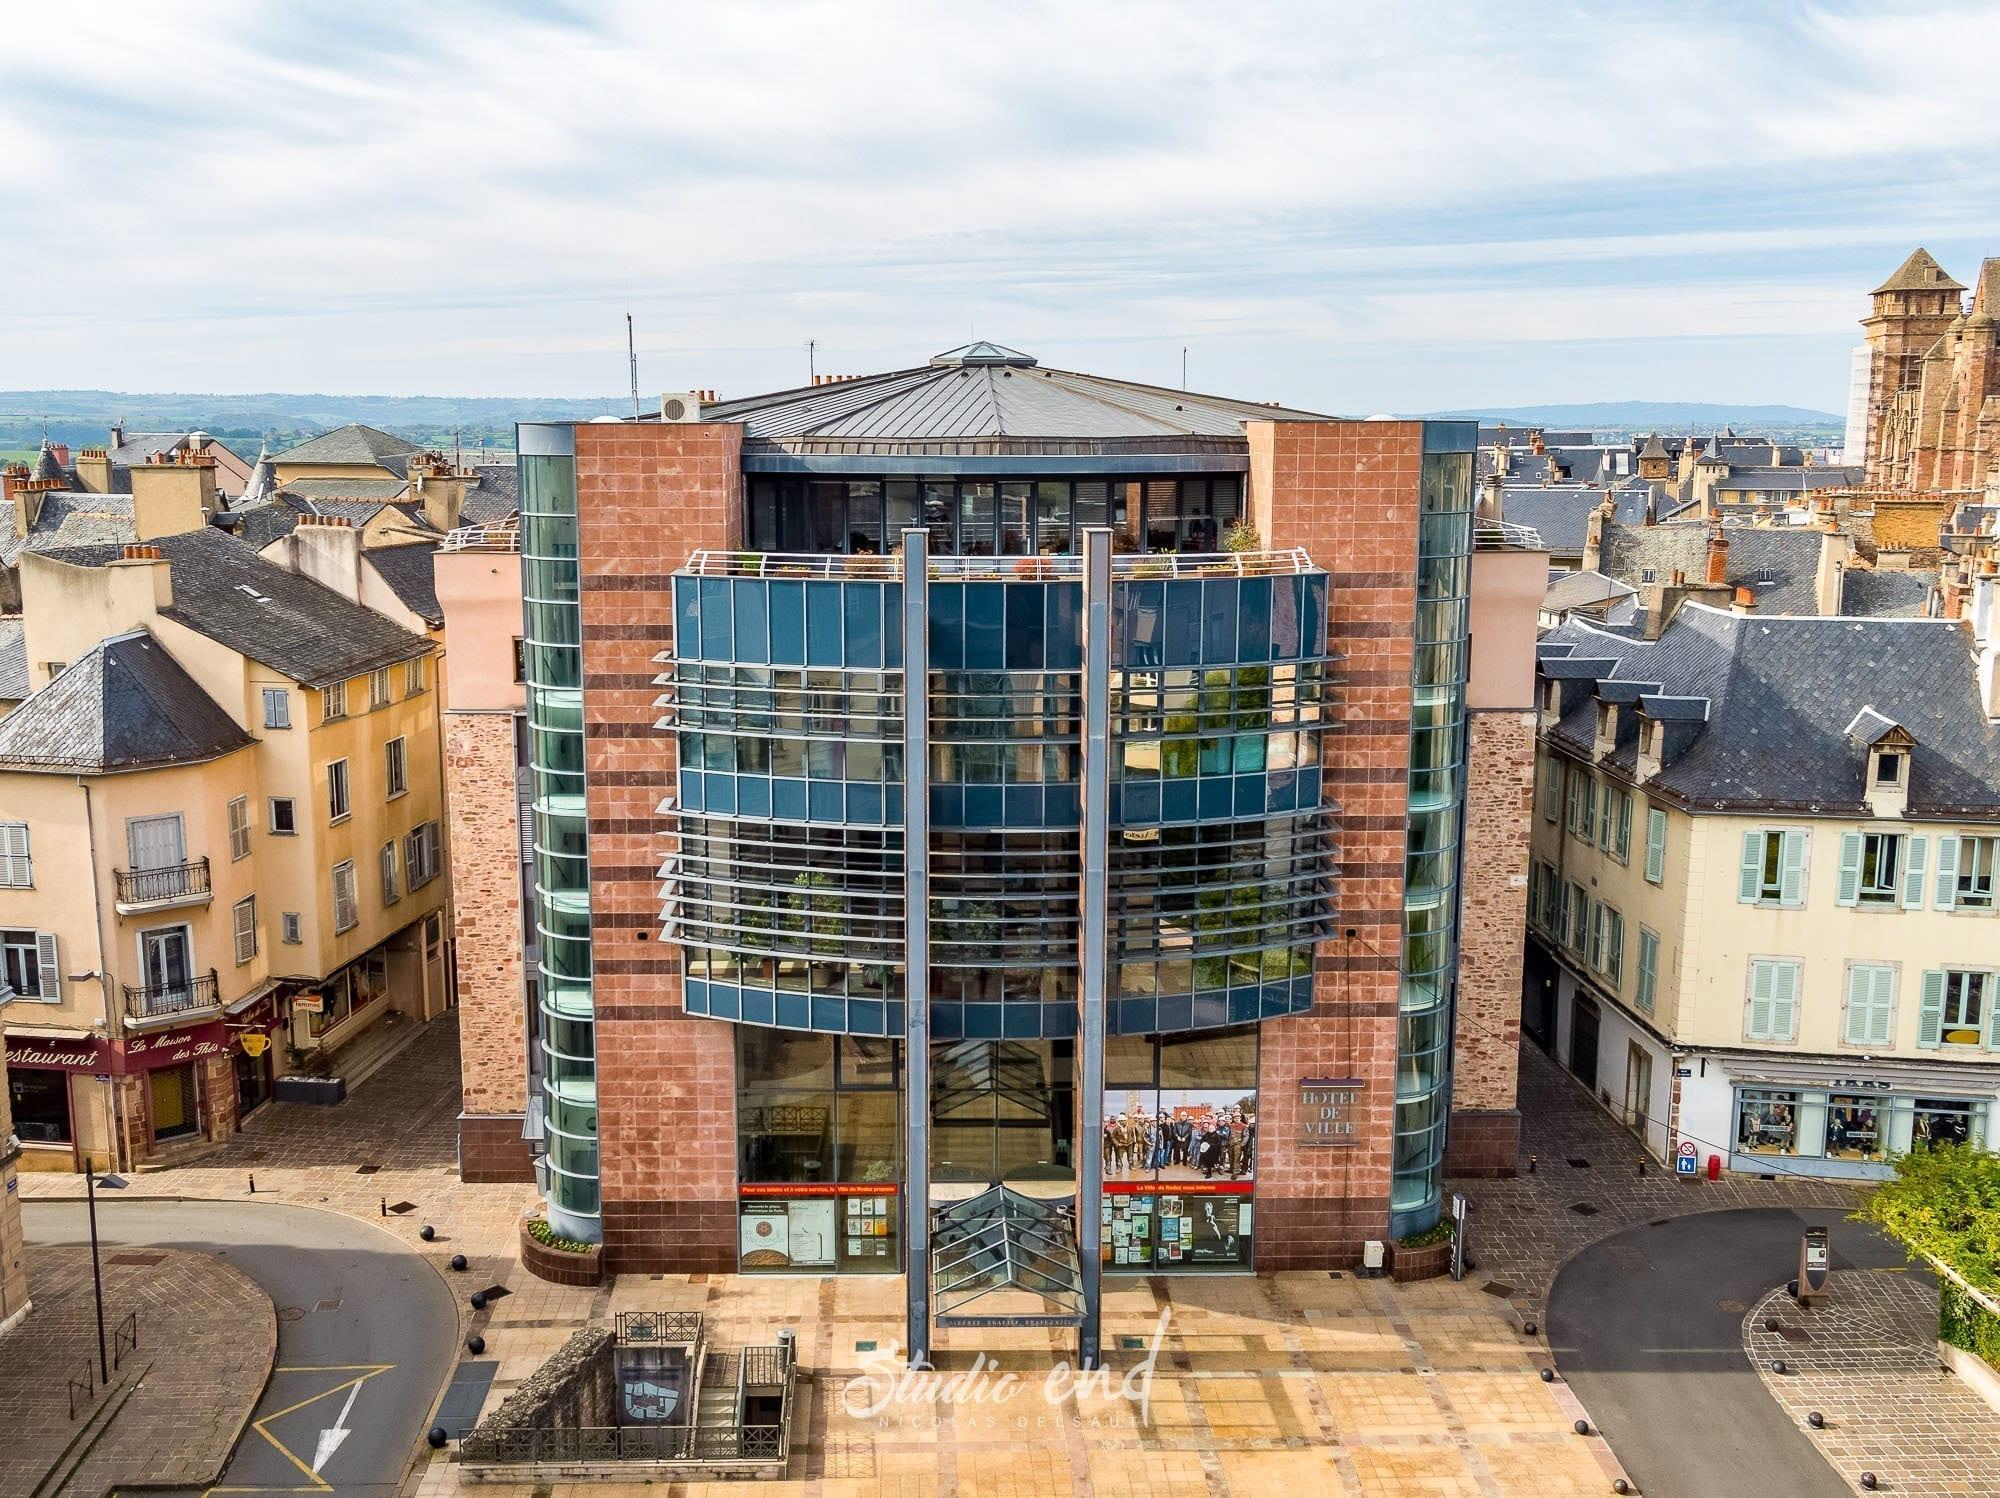 Photographie aérienne grace à un drone mairie Rodez